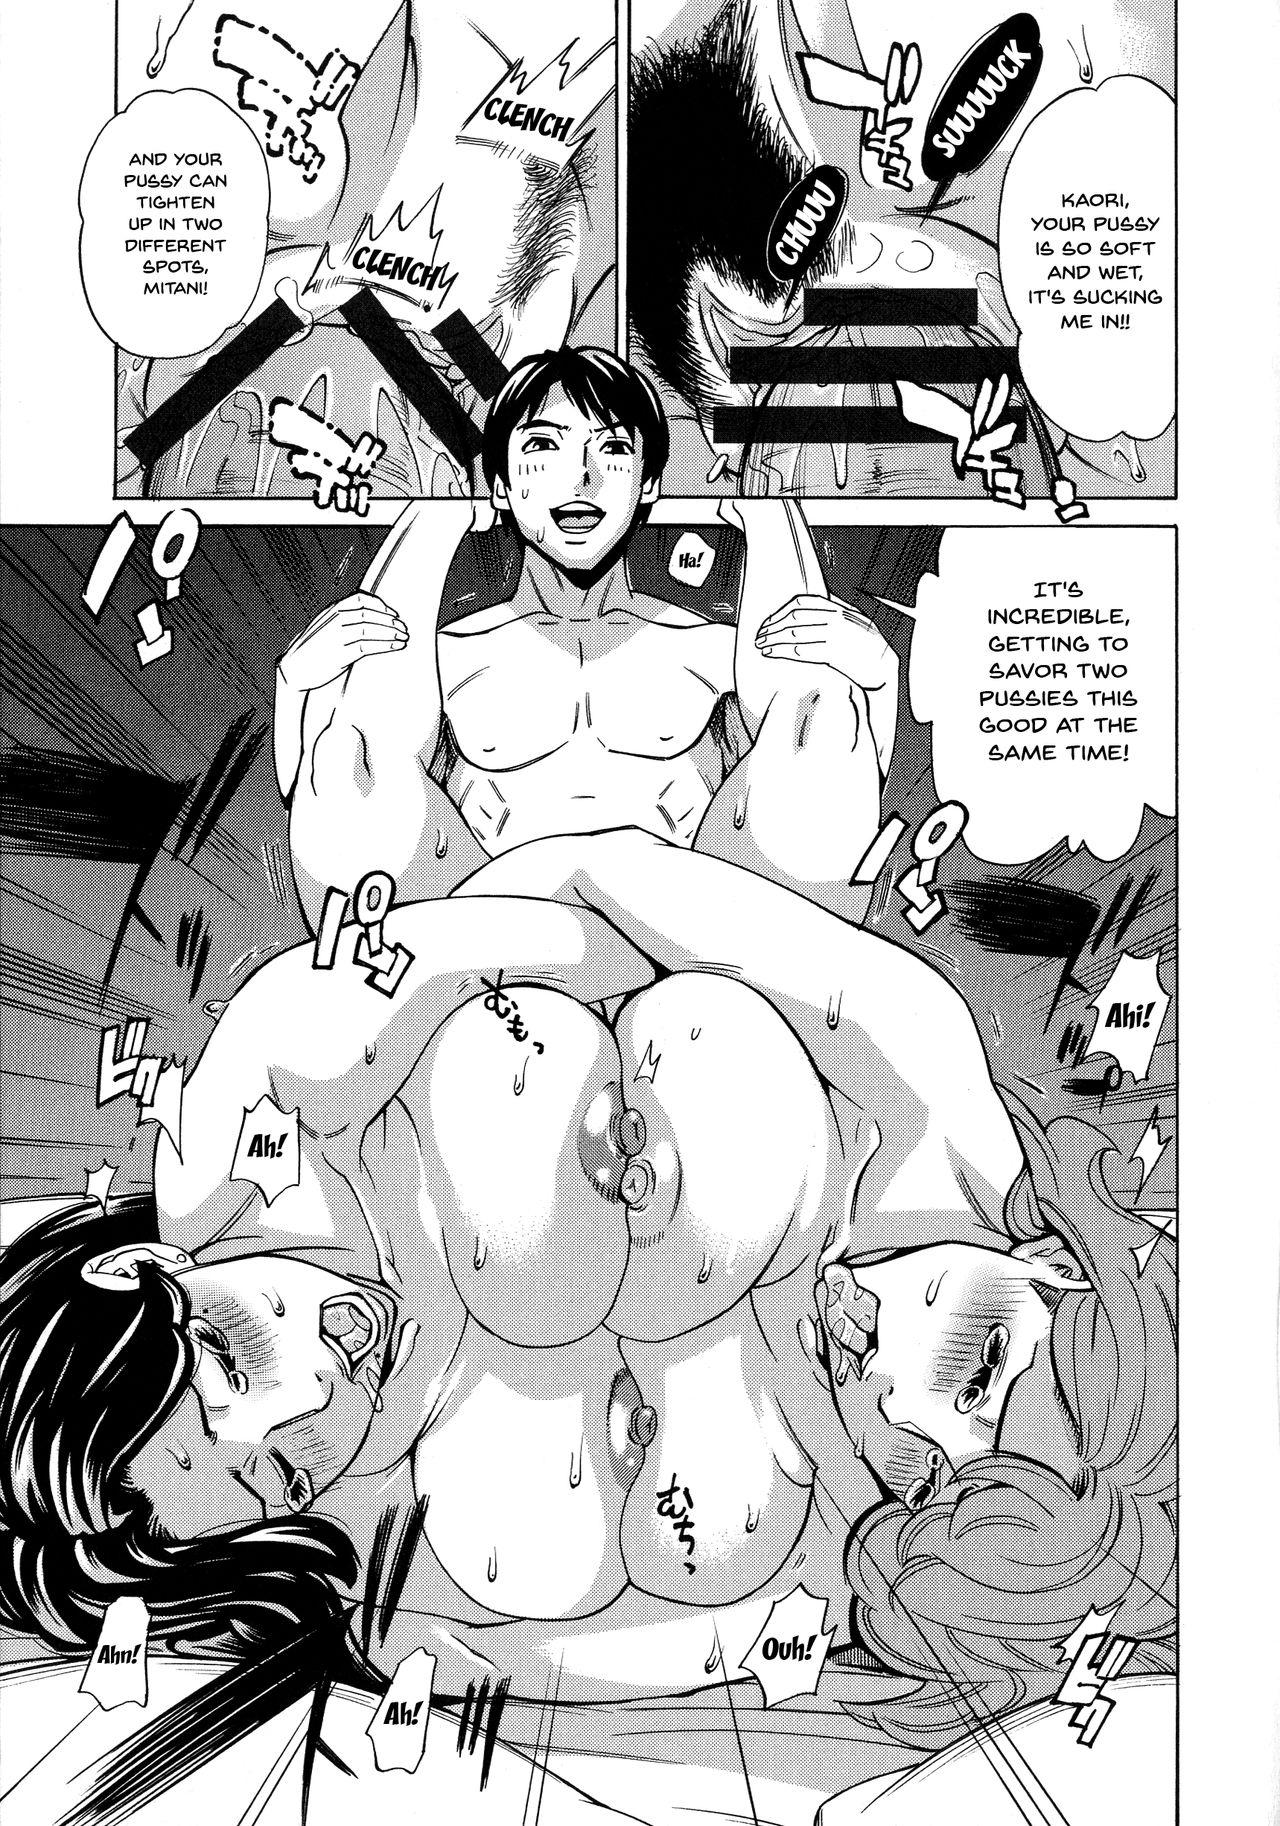 [Makibe Kataru] Hitozuma Koi Hanabi ~Hajimete no Furin ga 3P ni Itaru made~ Ch.1-9 [English] {Doujins.com} 72